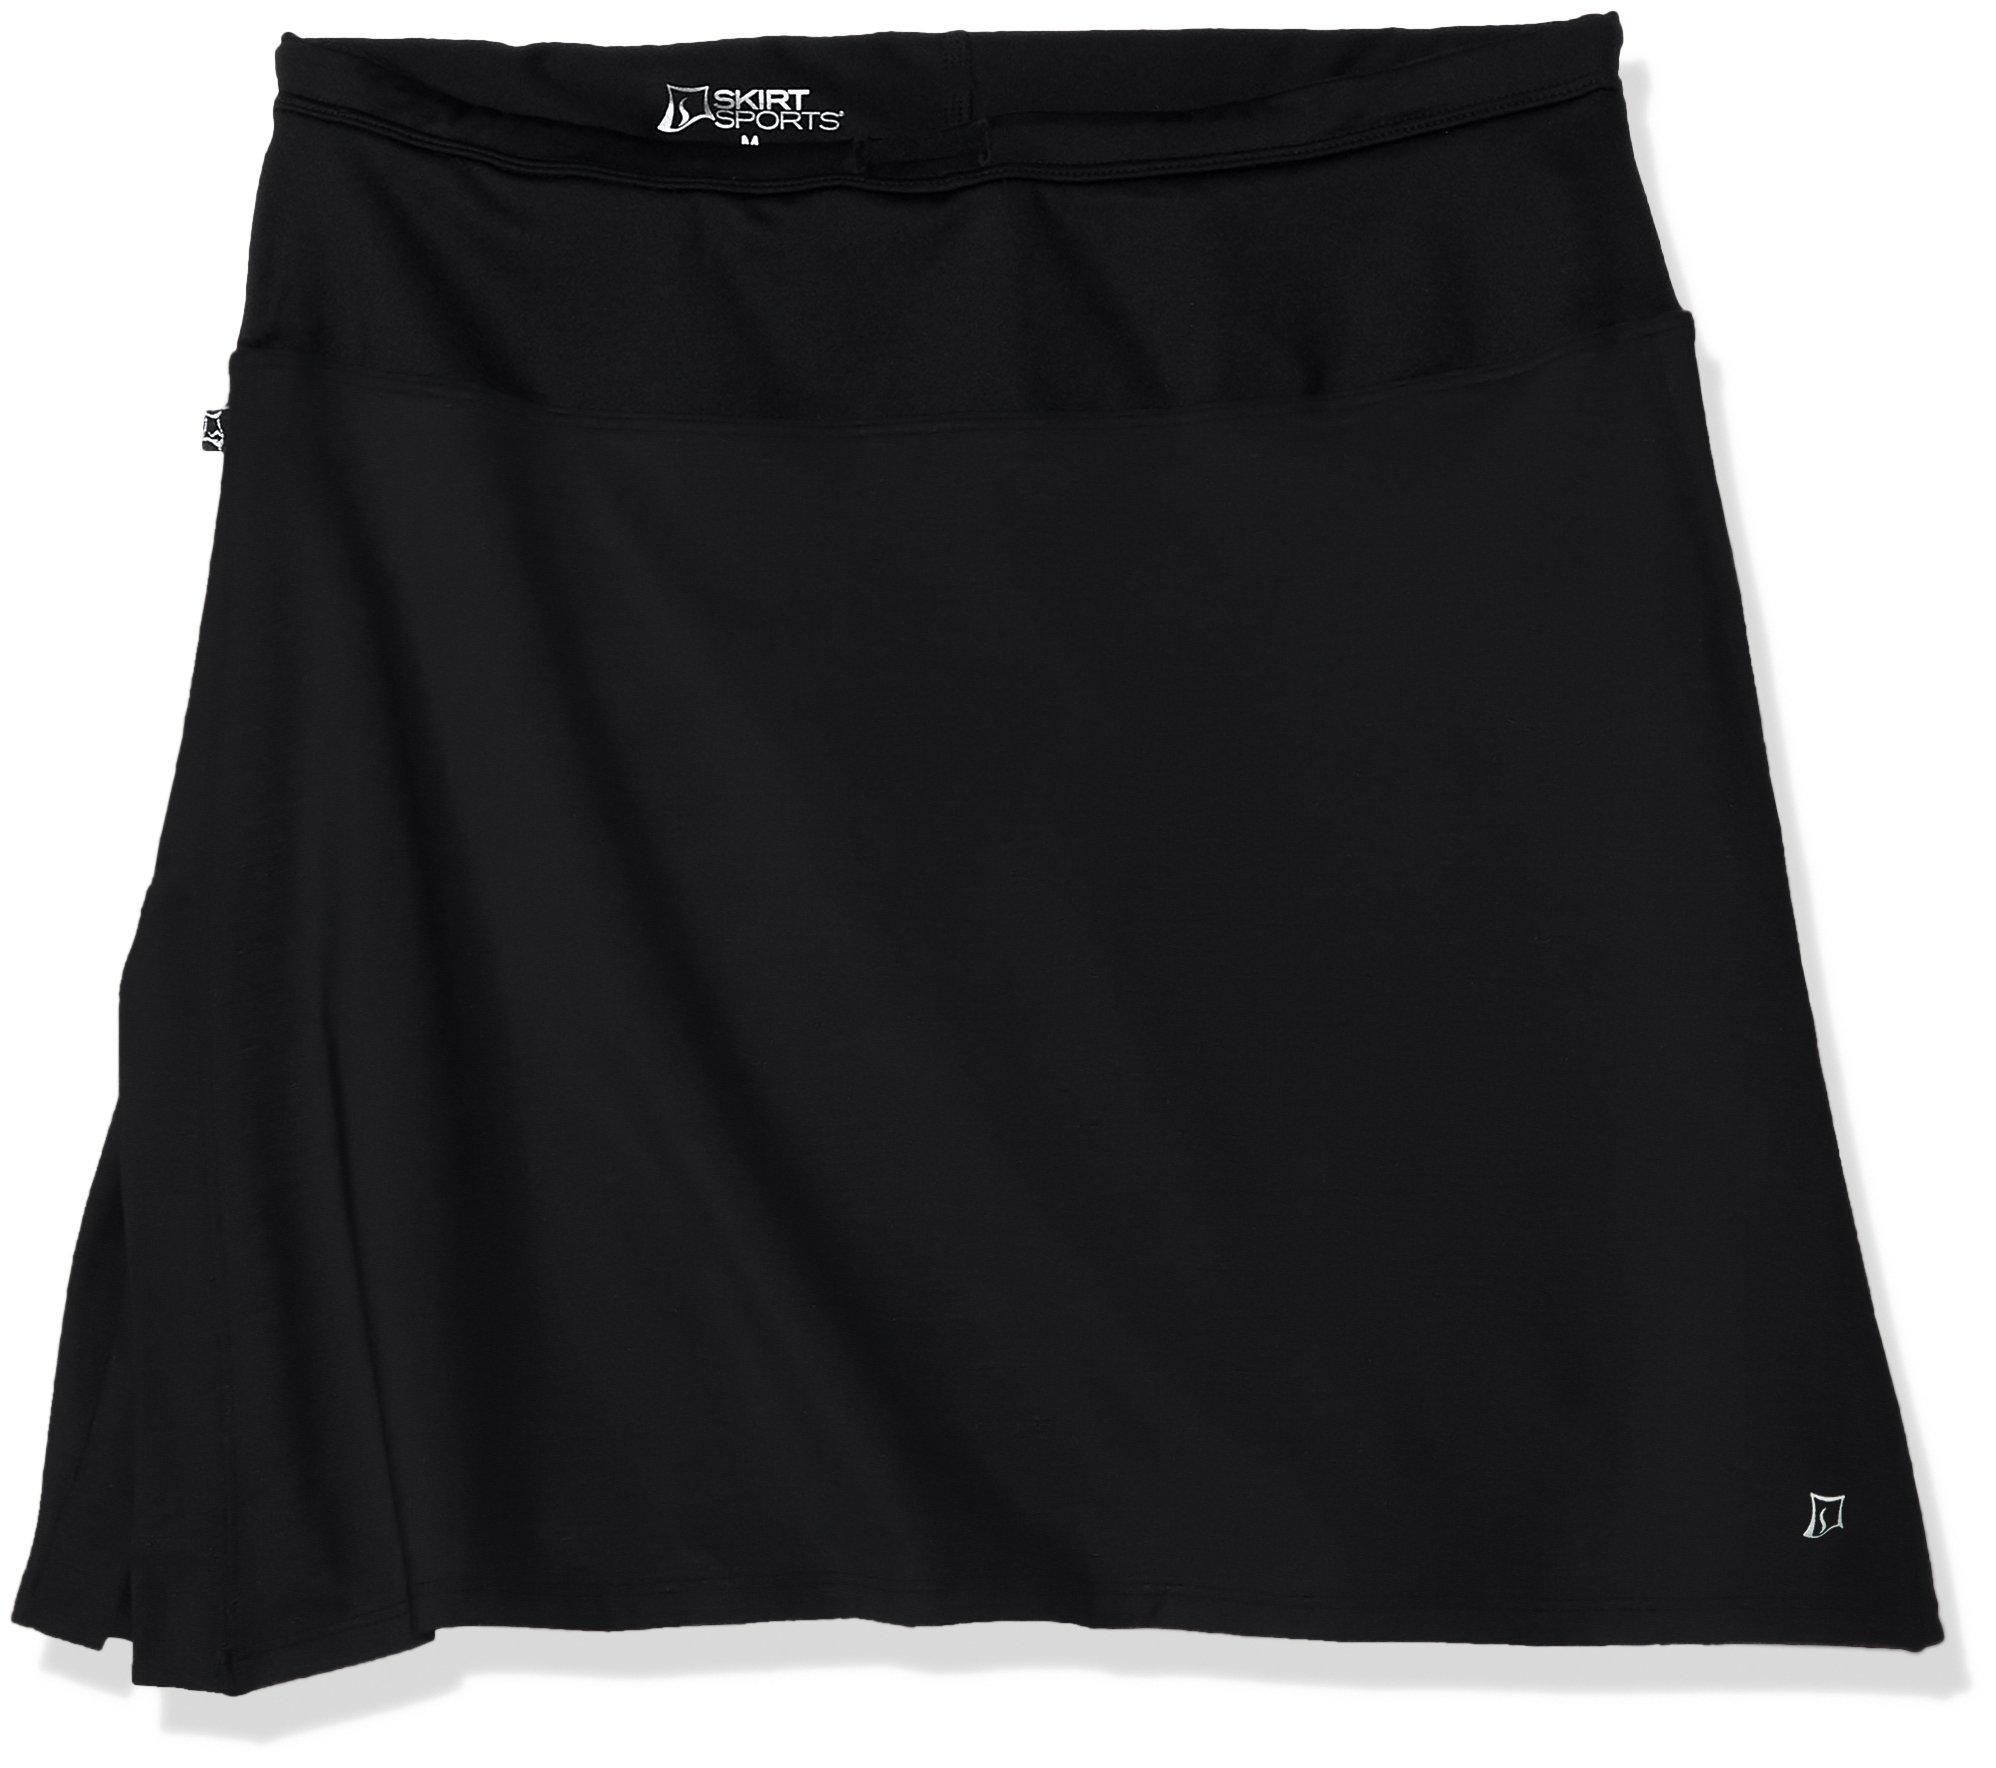 Skirt Sports Womens Cruiser Bike Girl Skirt, Black, SM